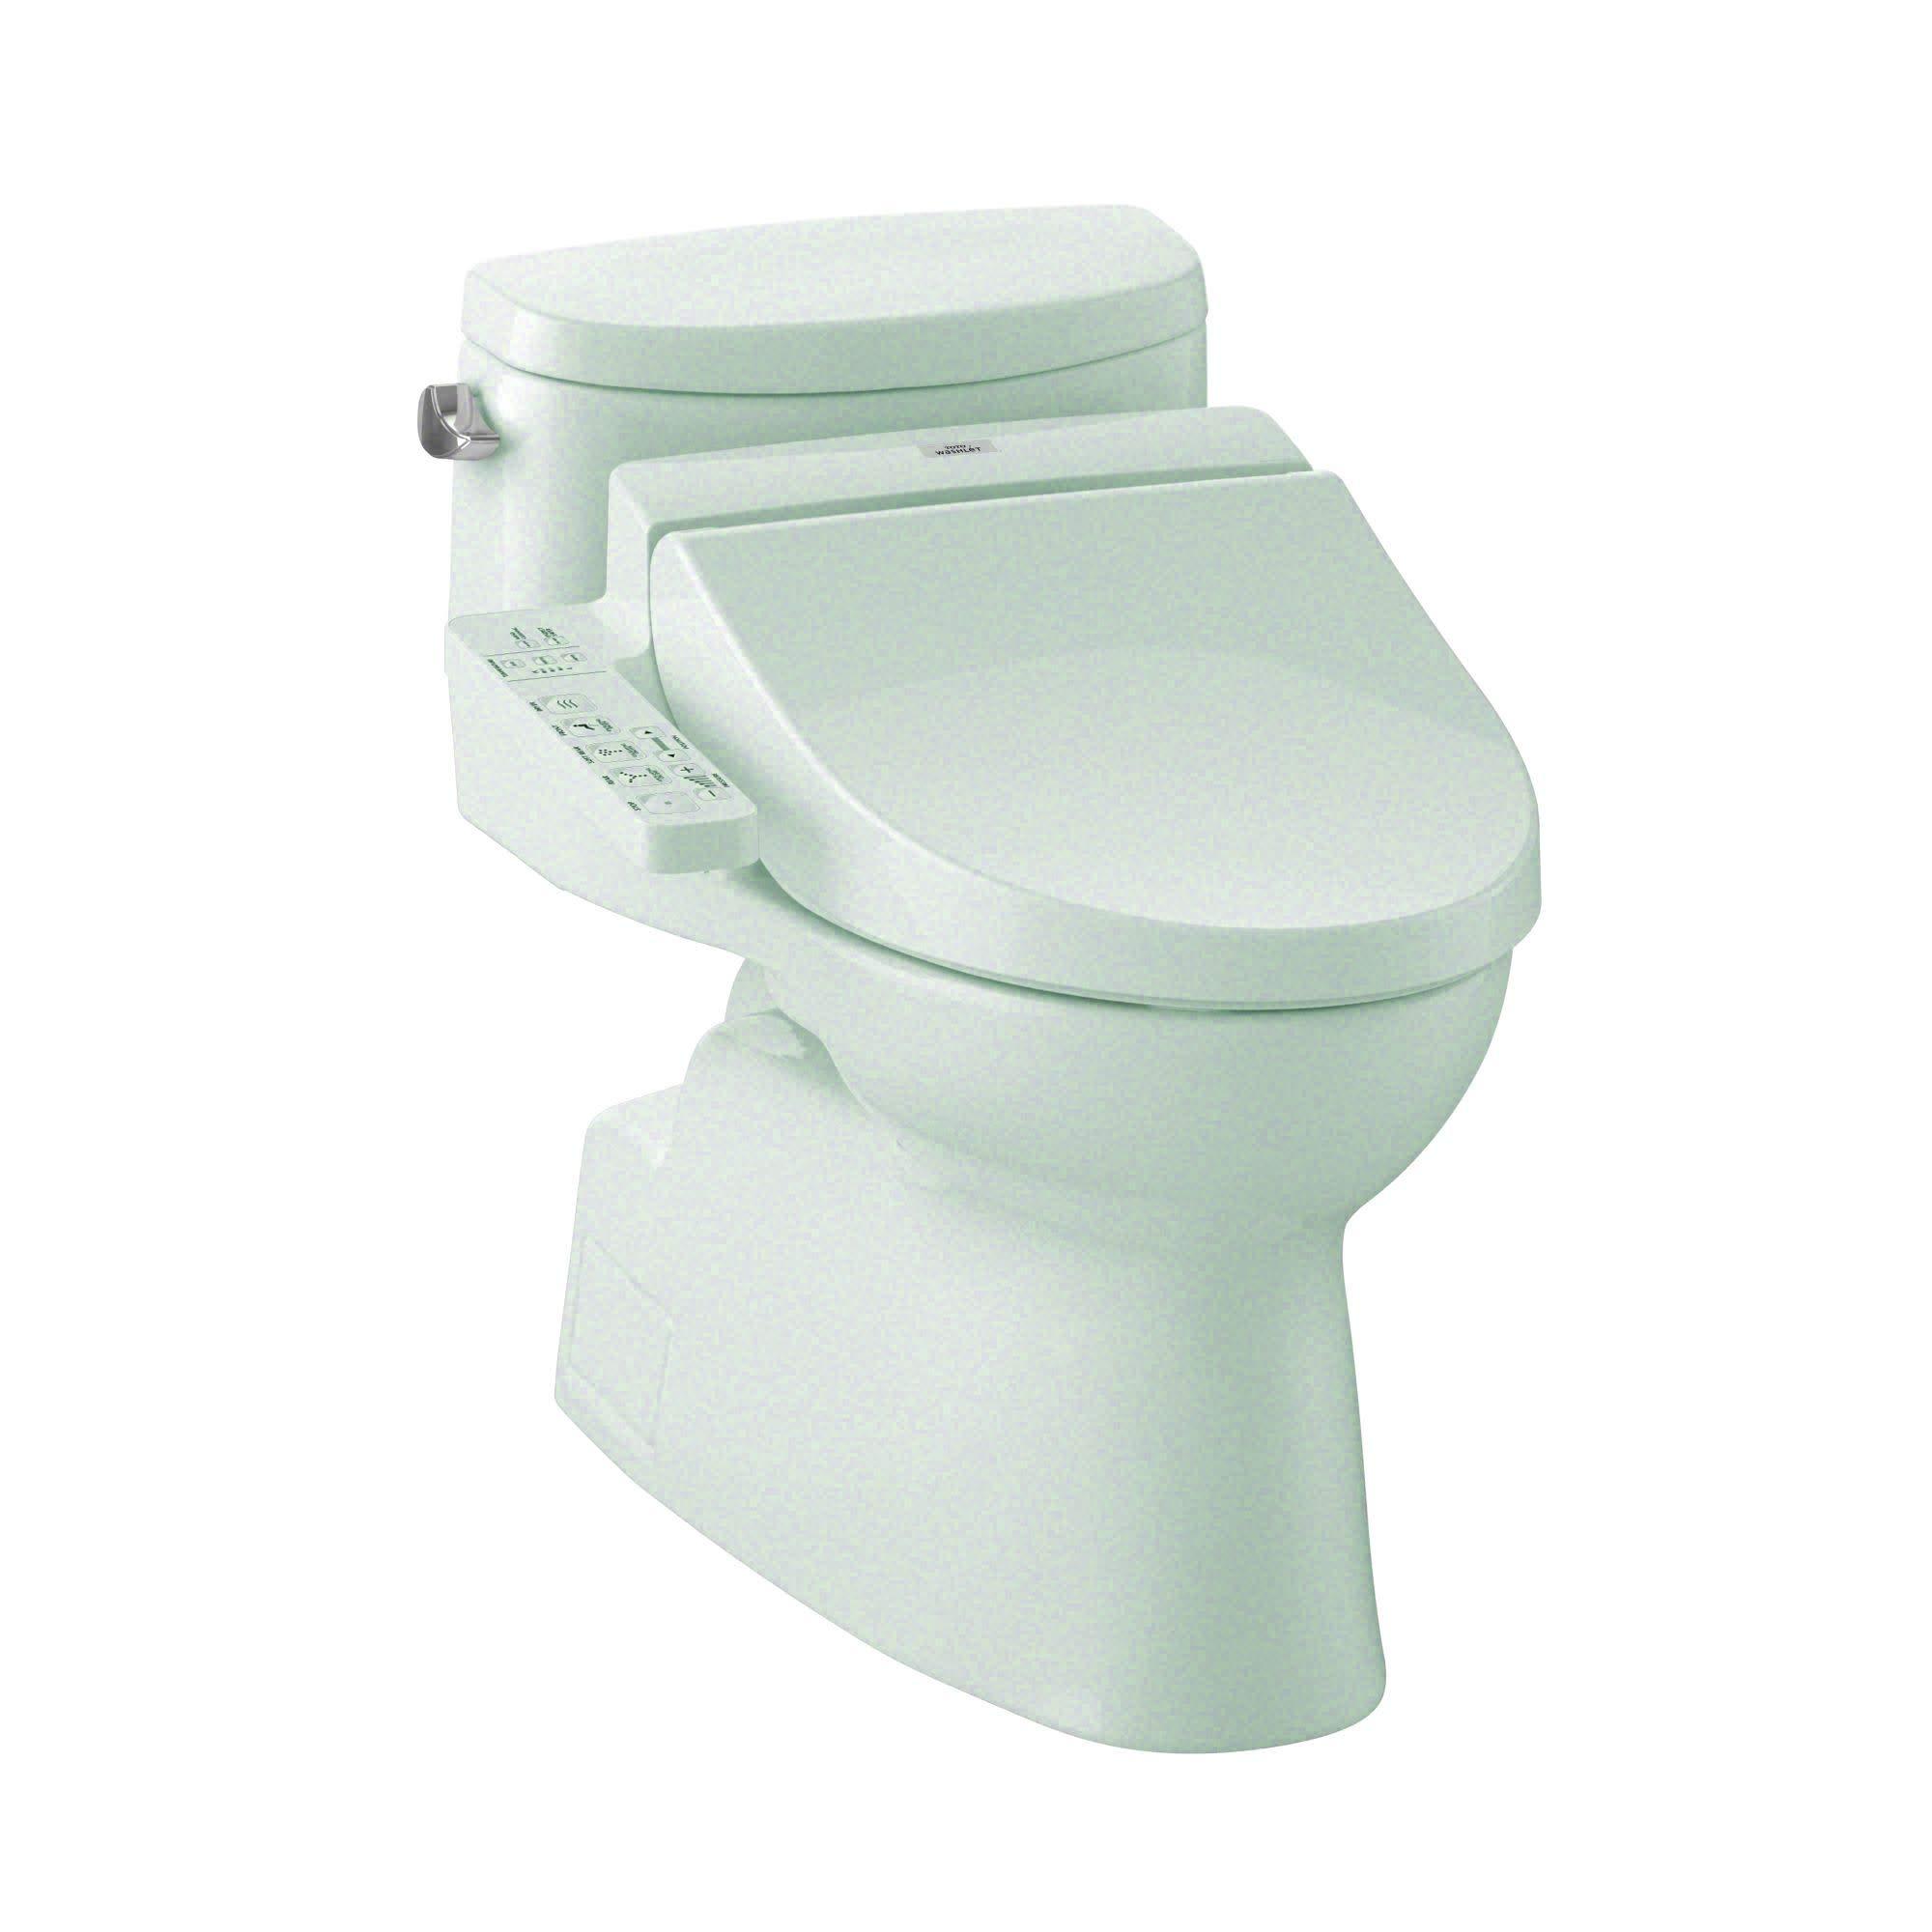 TOTO MW6442034CEFG#01 WASHLET+ Carolina II One-Piece Elongated 1.28 GPF Toilet and WASHLET C100 Bidet Seat, Cotton White